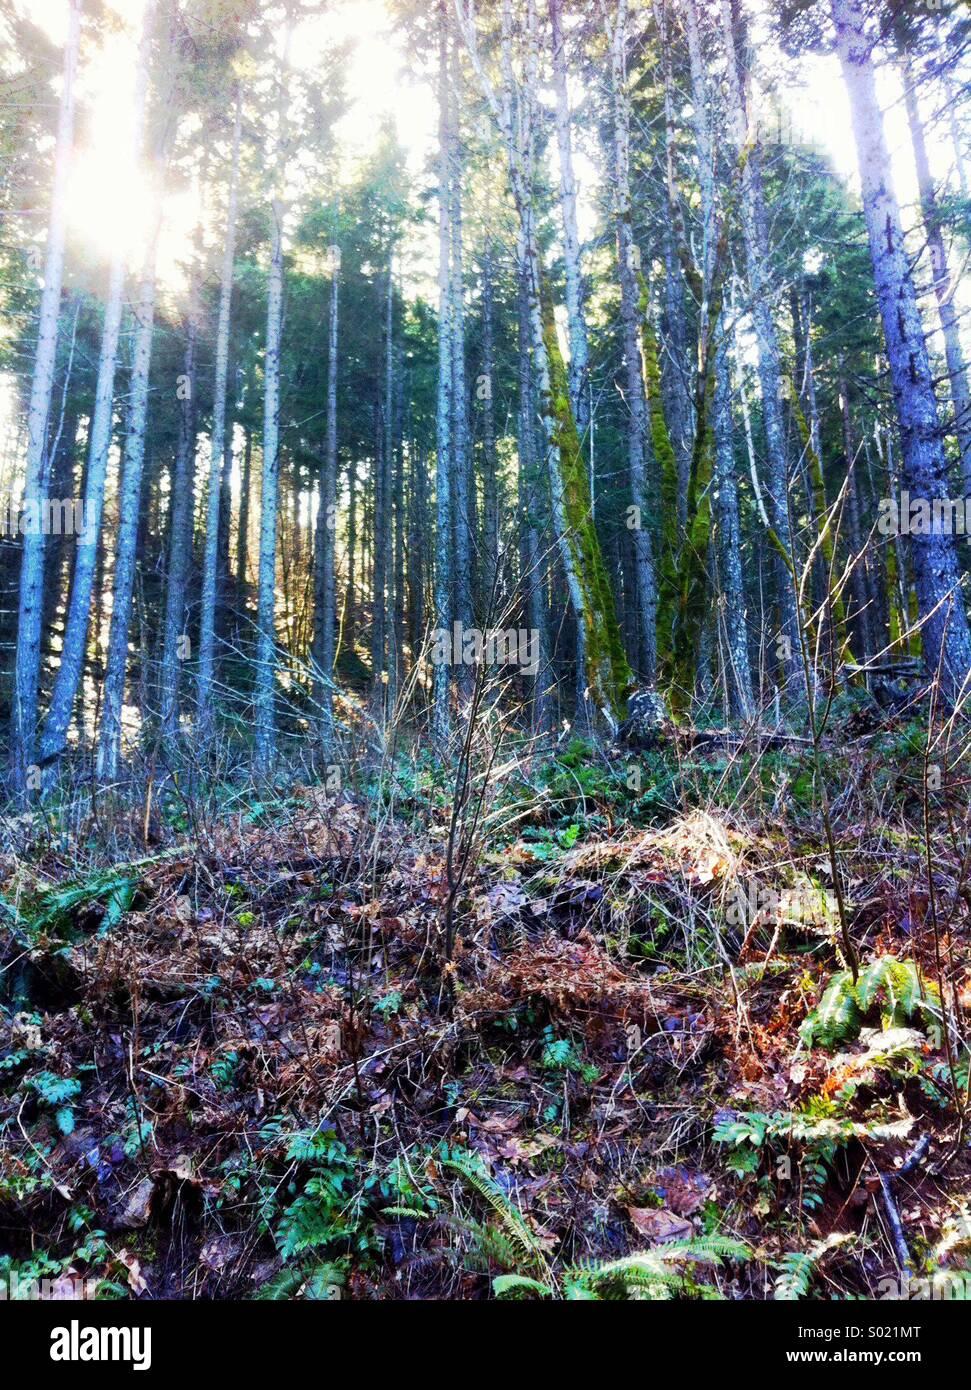 Retroilluminato con scena di foresta Immagini Stock